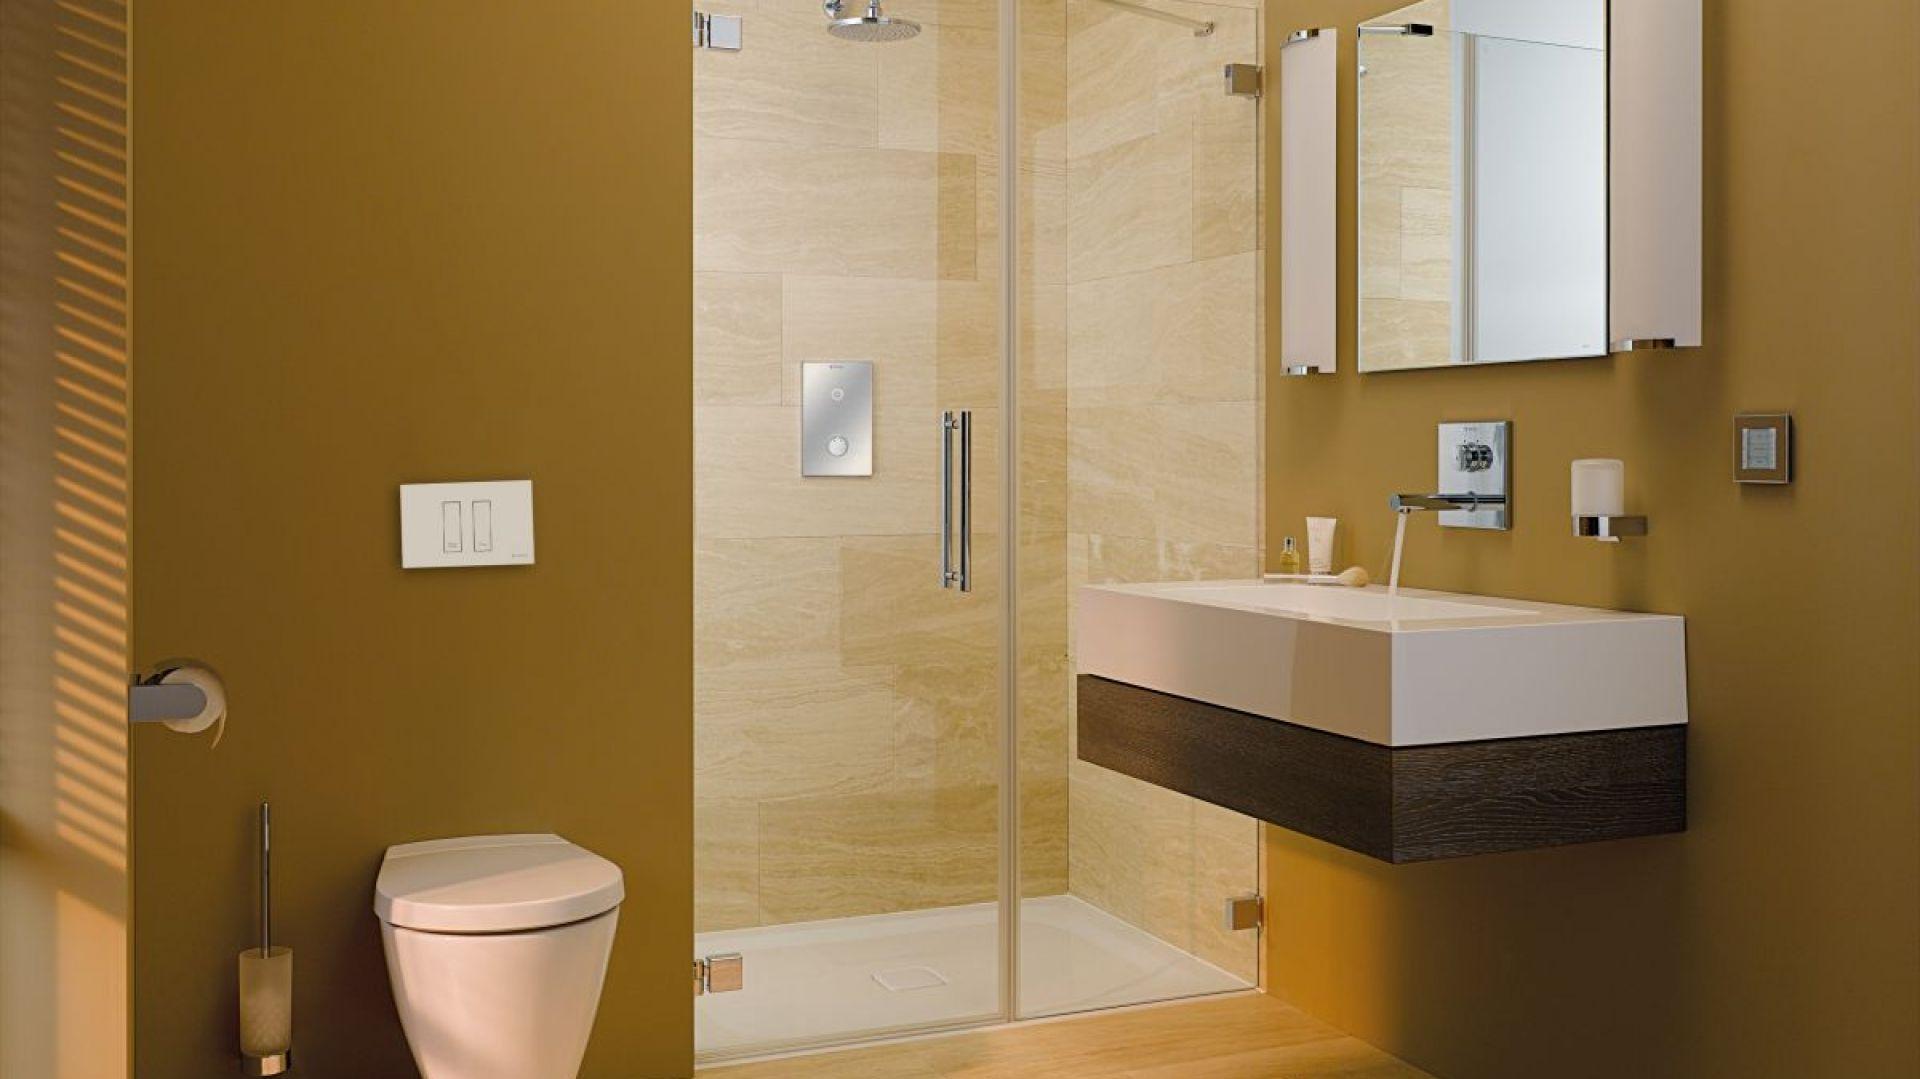 Aranżacja nowoczesnej łazienki z przyciskiem spłukującym Tower. Fot. Schell